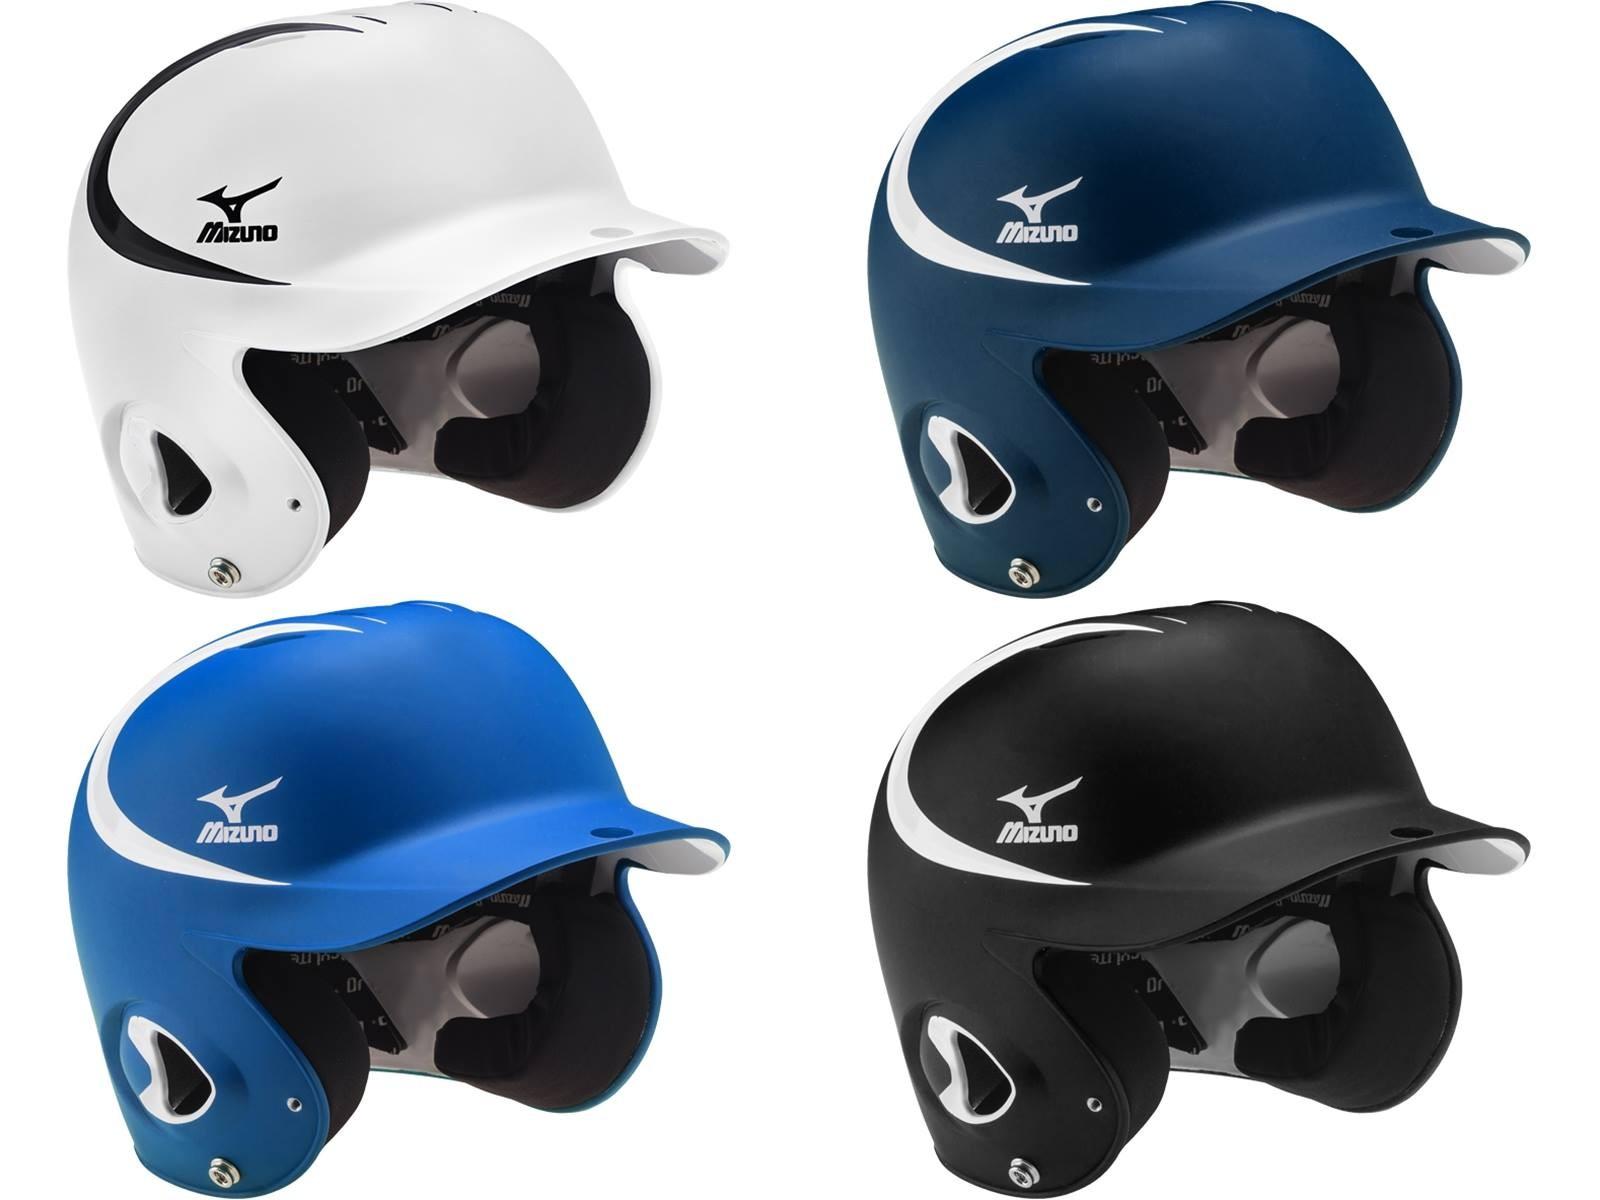 棒球世界 全新MIZUNO 美津濃 最新款式 雙色 可調式打擊頭盔